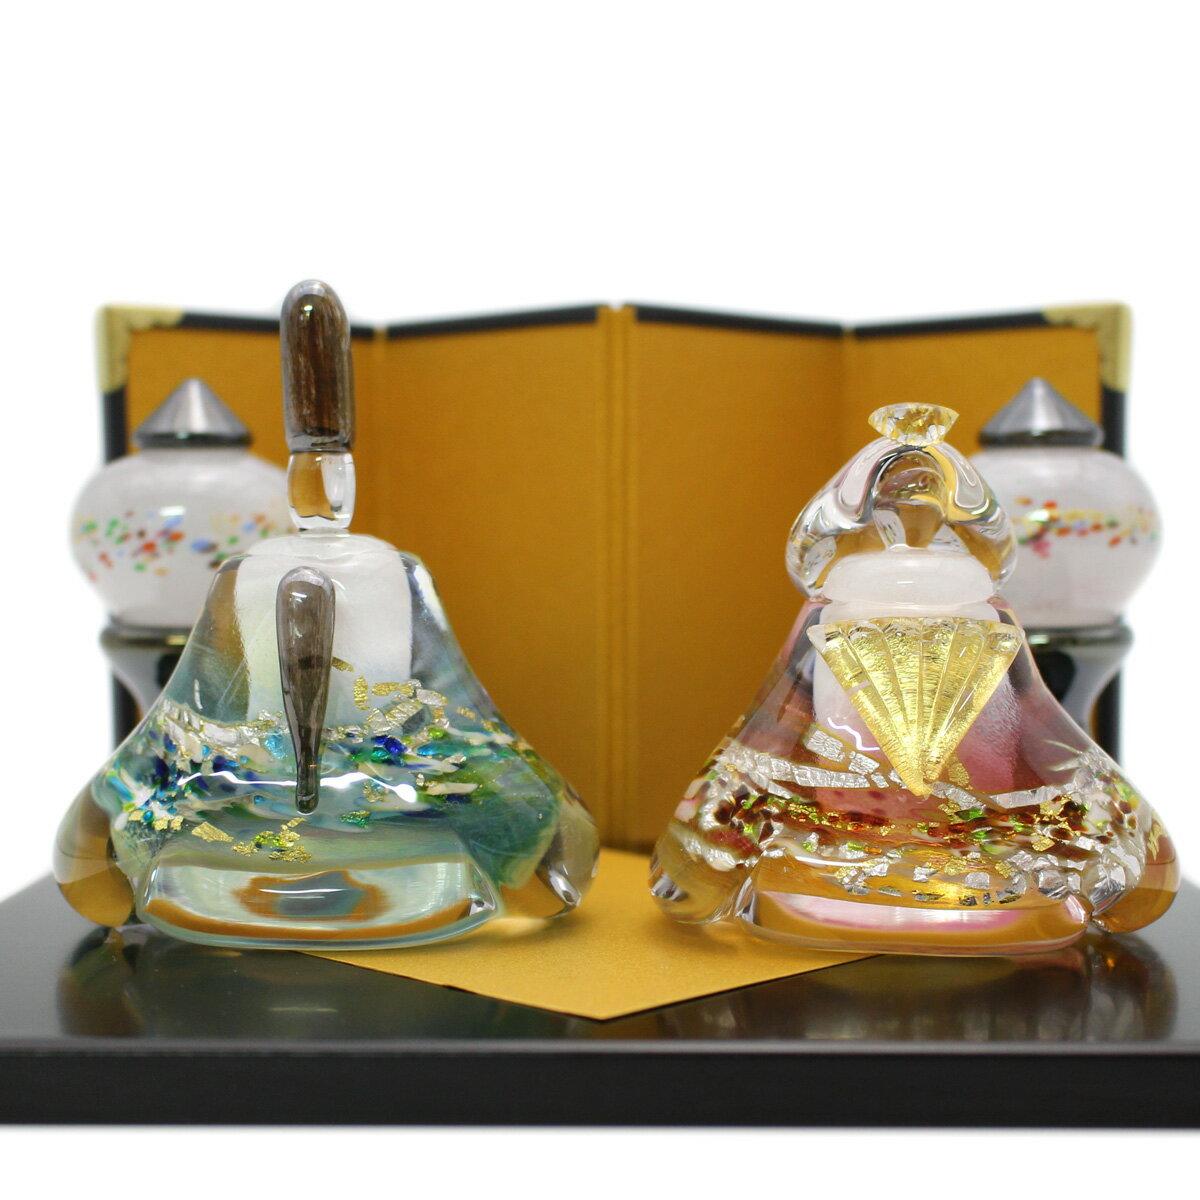 ガラスのお雛様 glass calico グラスキャリコ 華雛 雪洞(ぼんぼり)付き ハンドメイド ガラスアート 雛人形 ひな人形 おひなさま 桃の節句 オブジェ